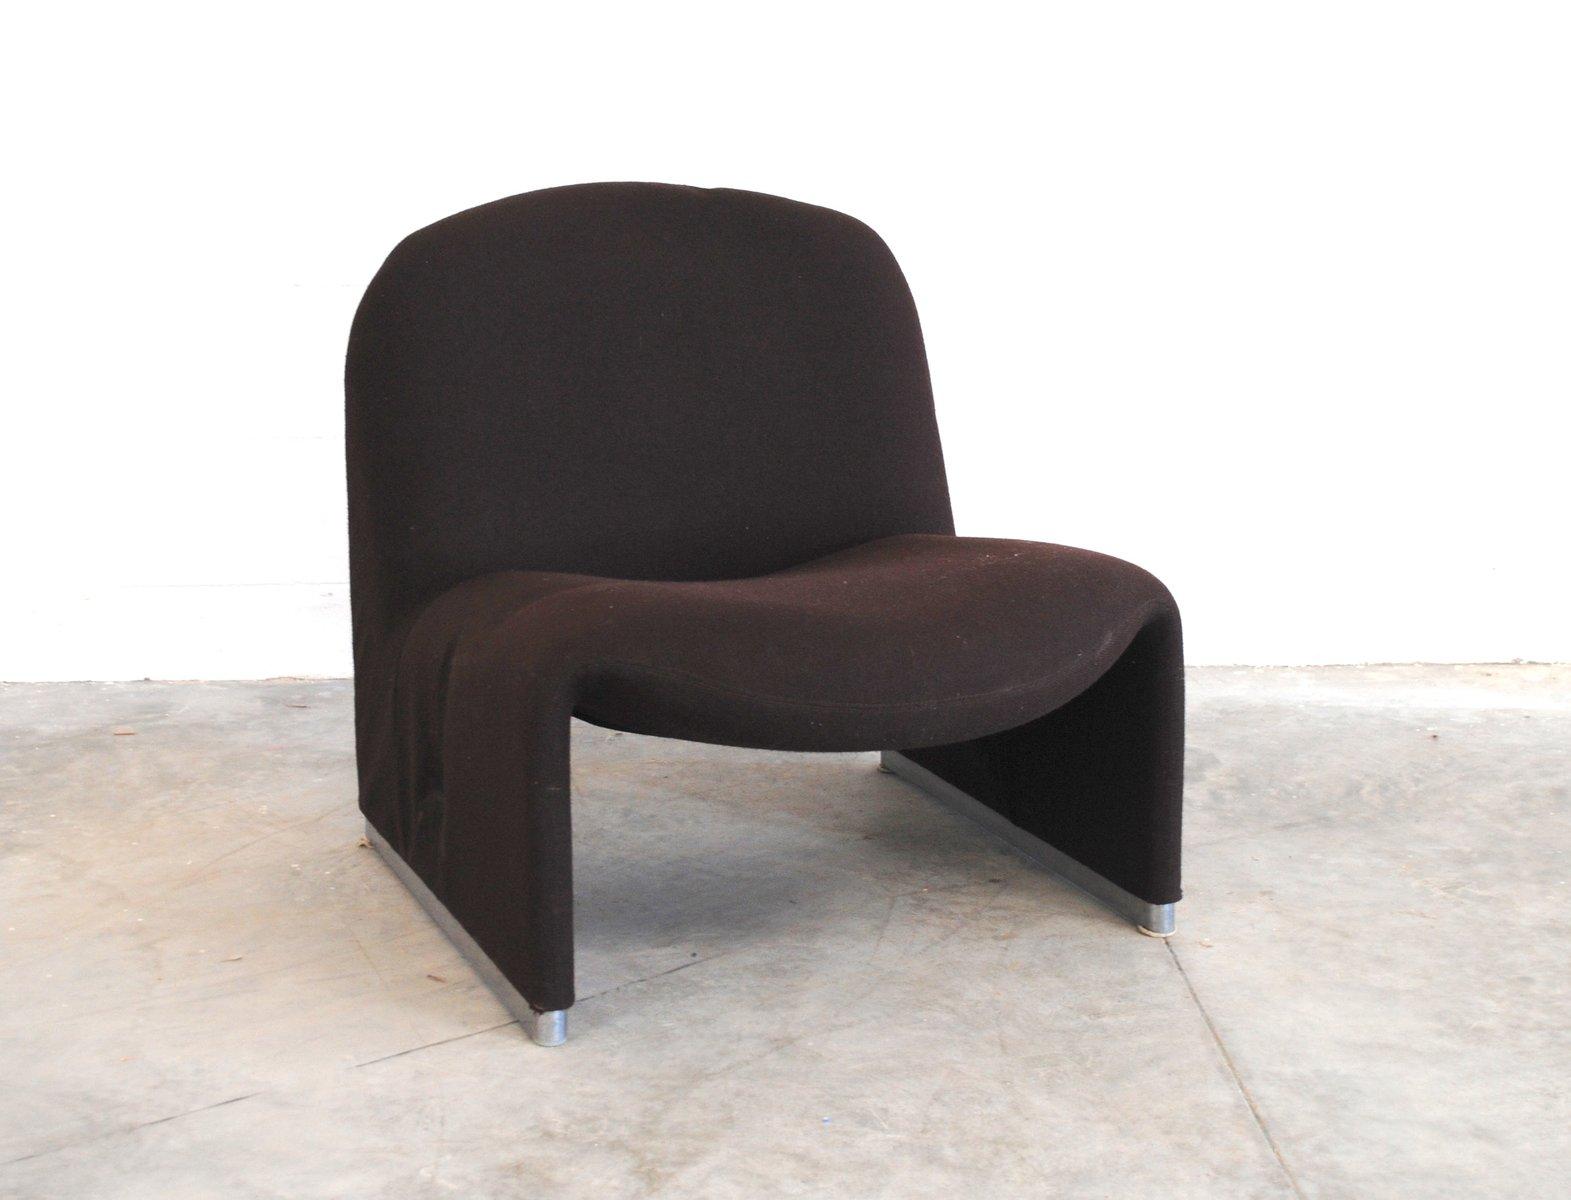 Alky Stuhl von Castelli, 1972